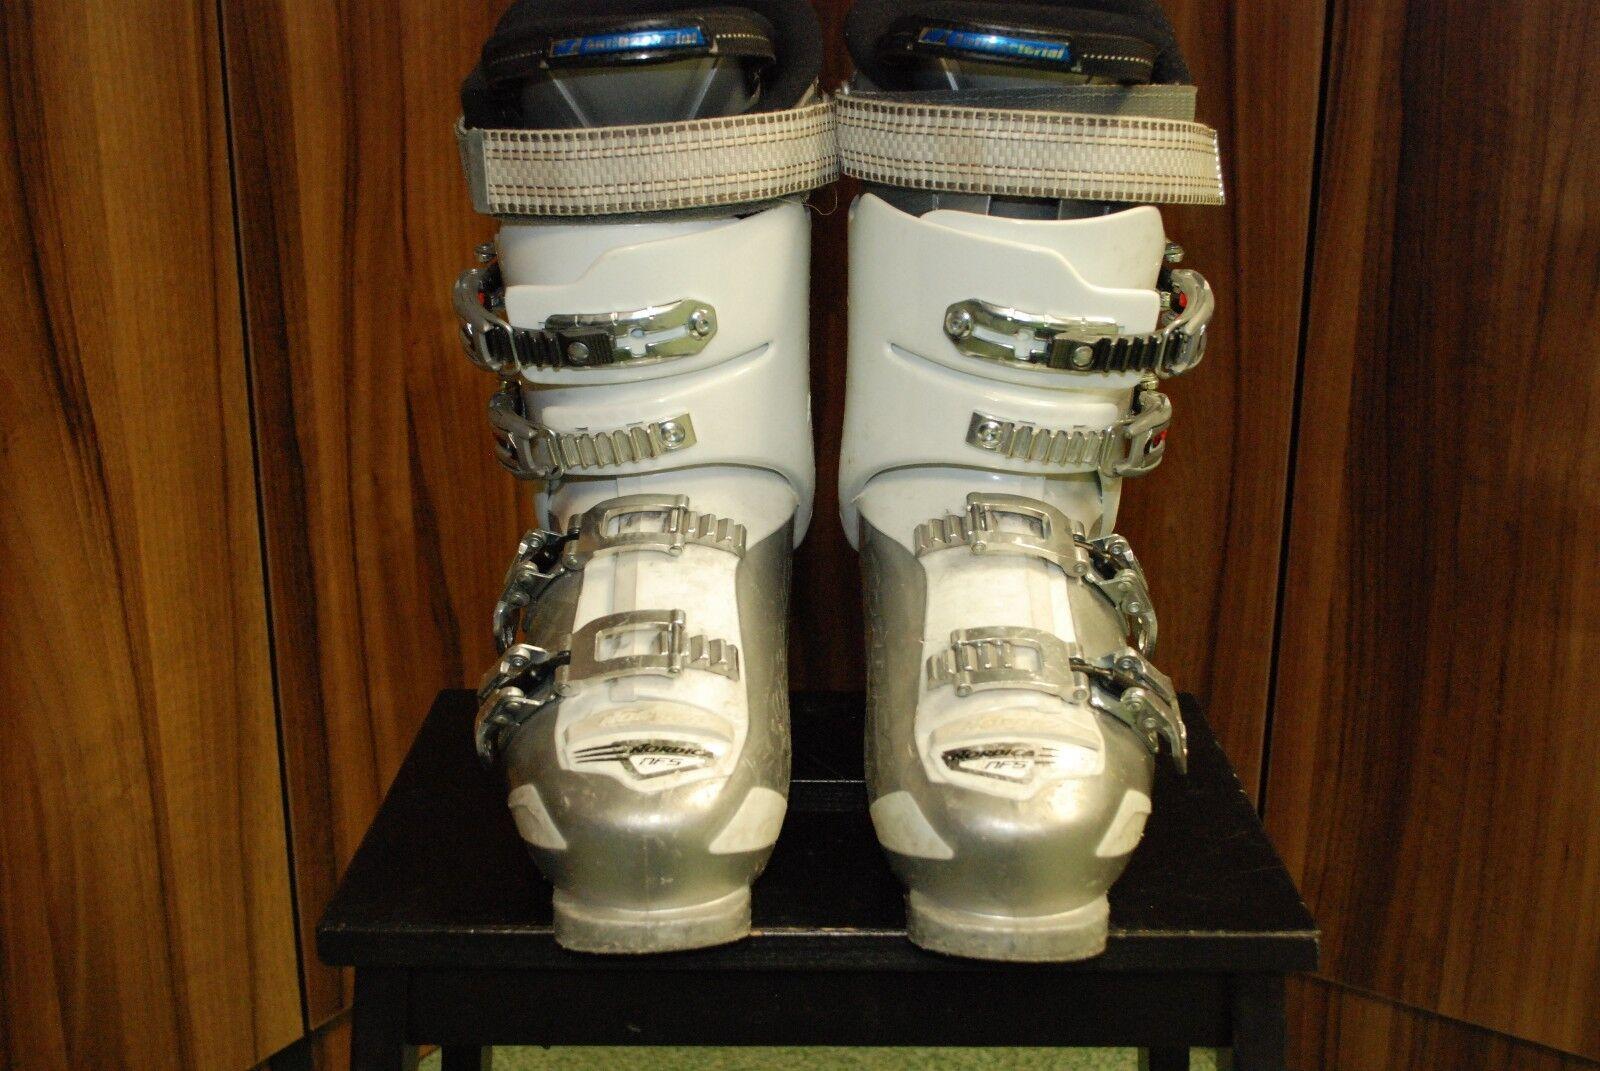 Nordica Cruise NFS 250 Skischuhe (;) FREIE BRAND NEUE Stiefel